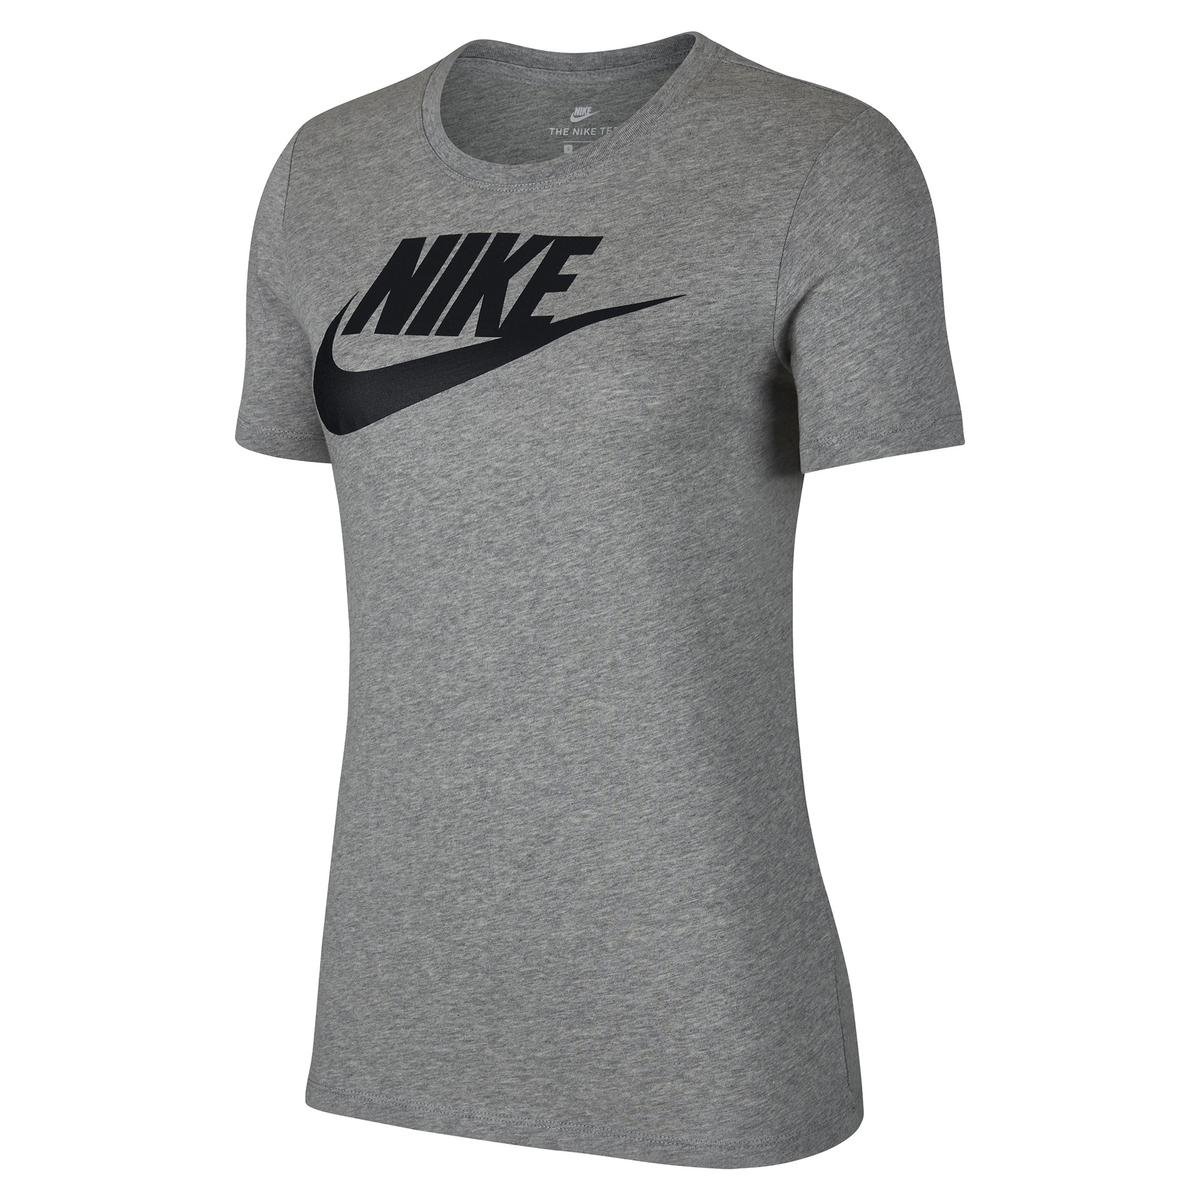 Imagen principal de producto de Camiseta de manga corta con cuello redondo y logot - Nike